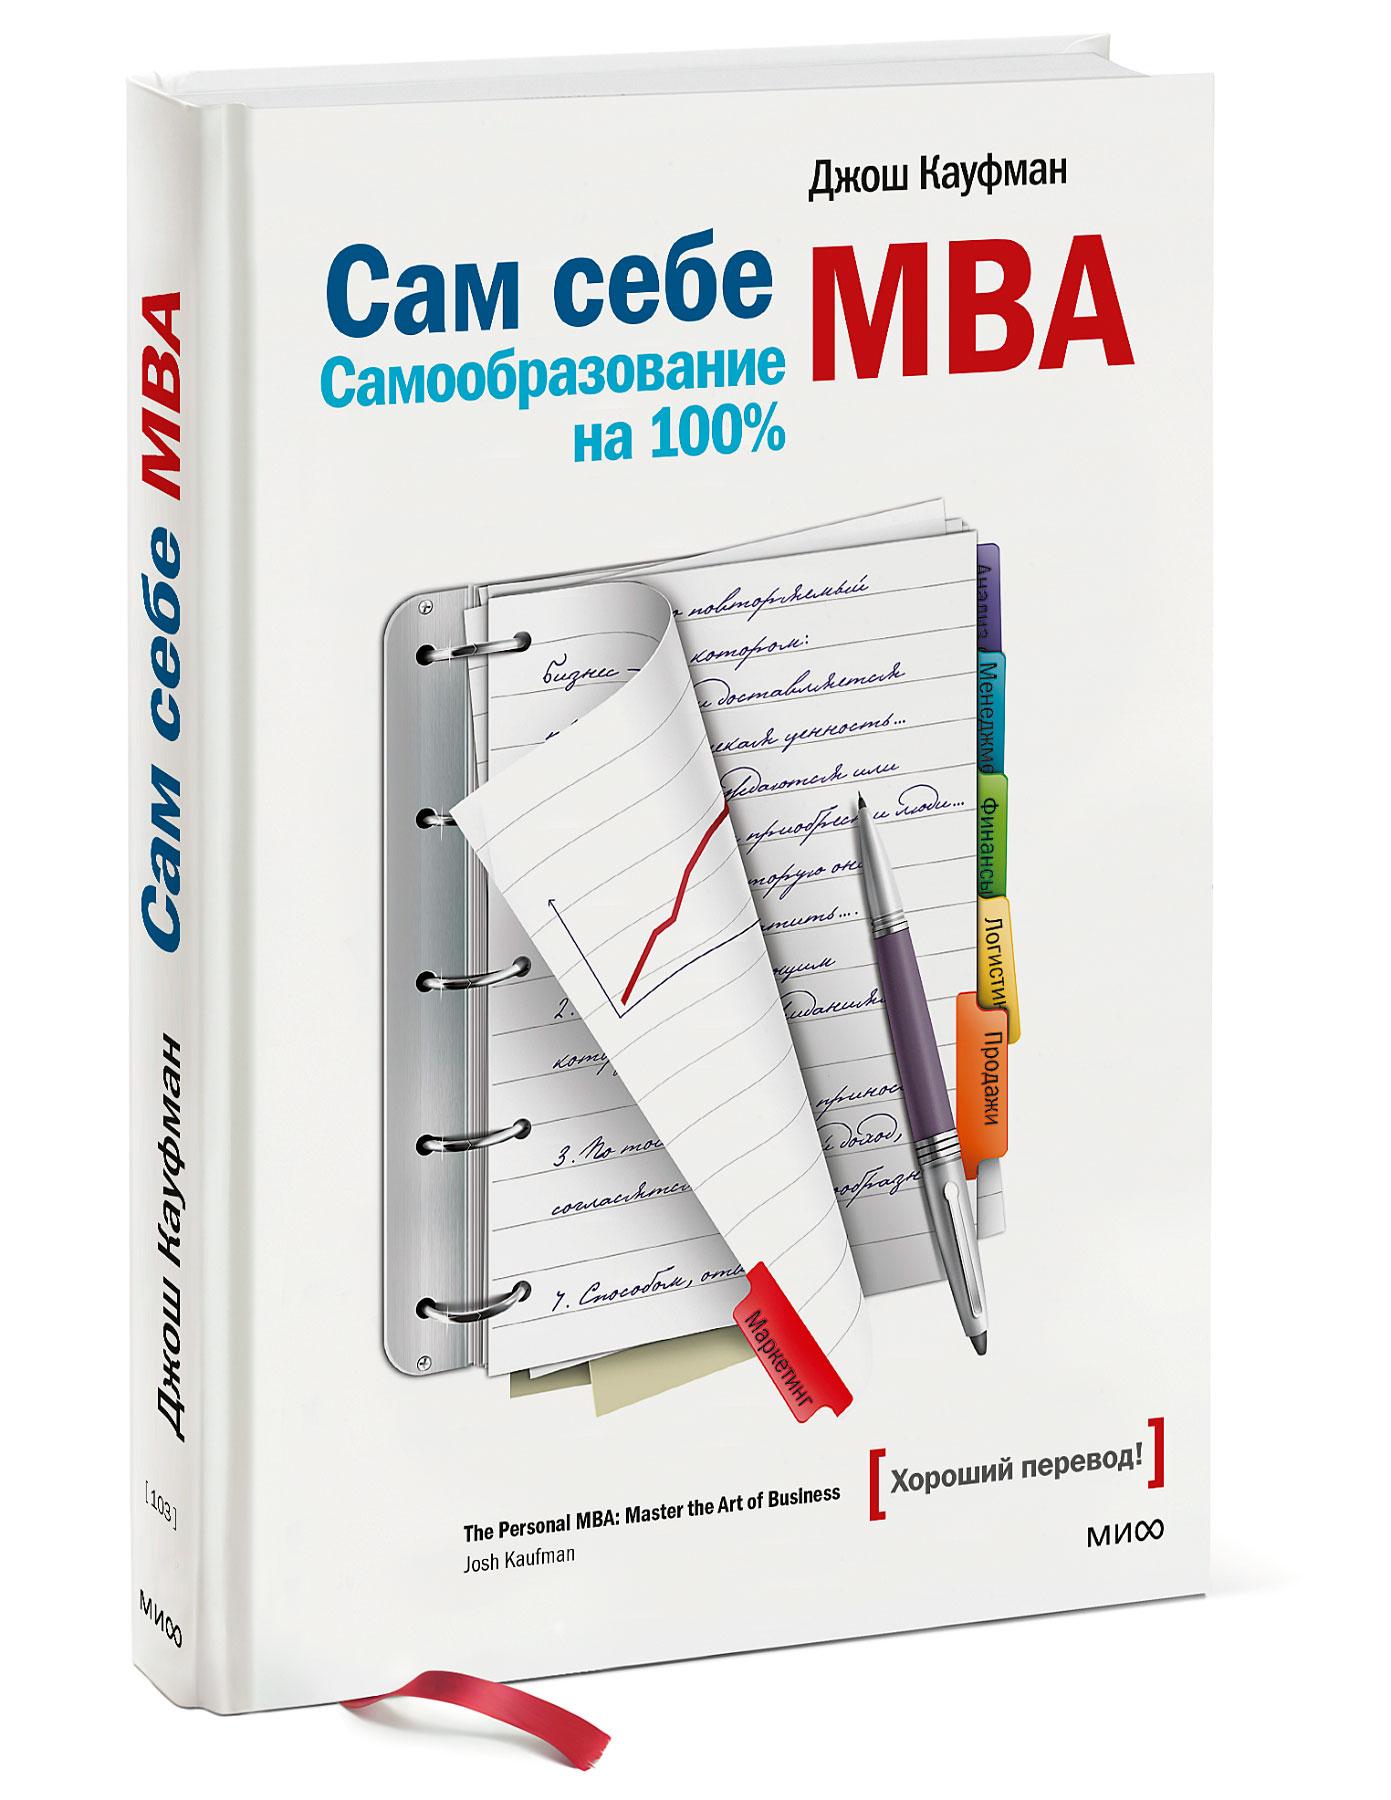 Кауфман Д. Сам себе MBA бизнес книги новинки 2016